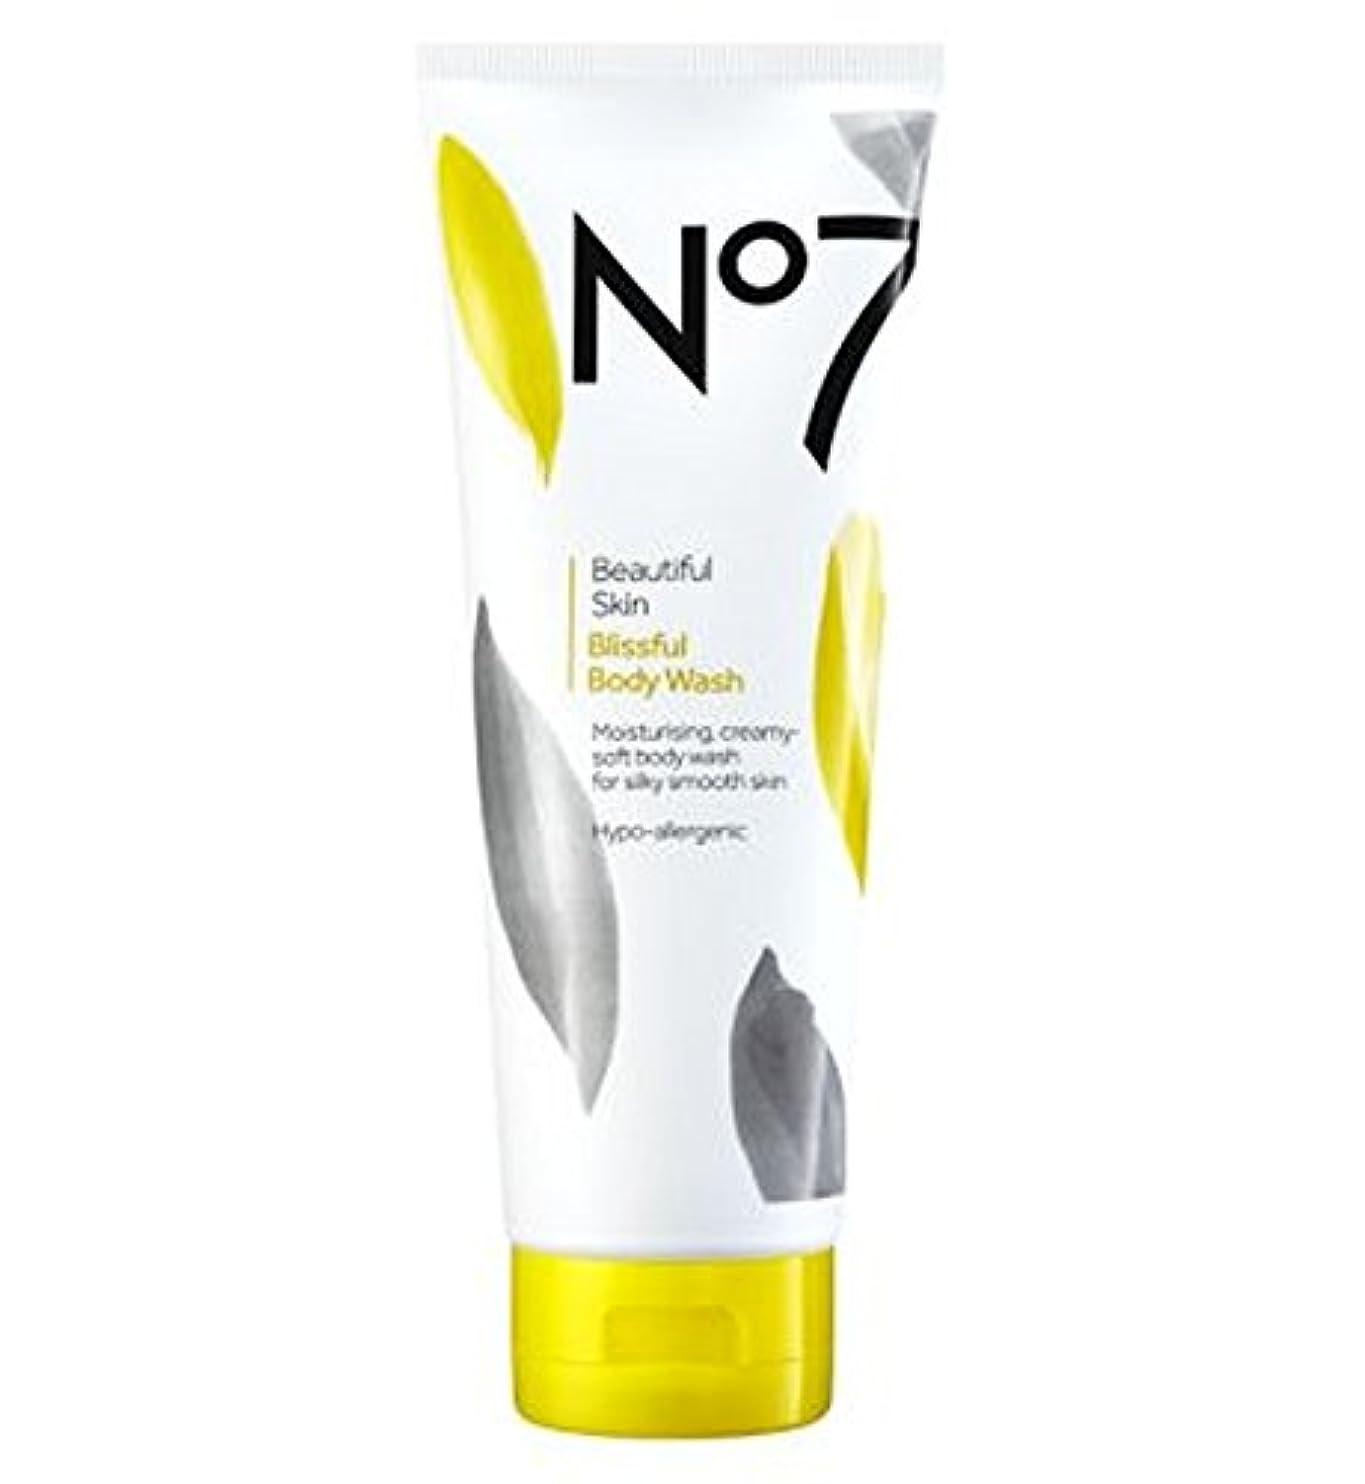 かける細胞スクリューNo7 Beautiful Skin Blissful Body Wash - No7美しい肌至福のボディウォッシュ (No7) [並行輸入品]